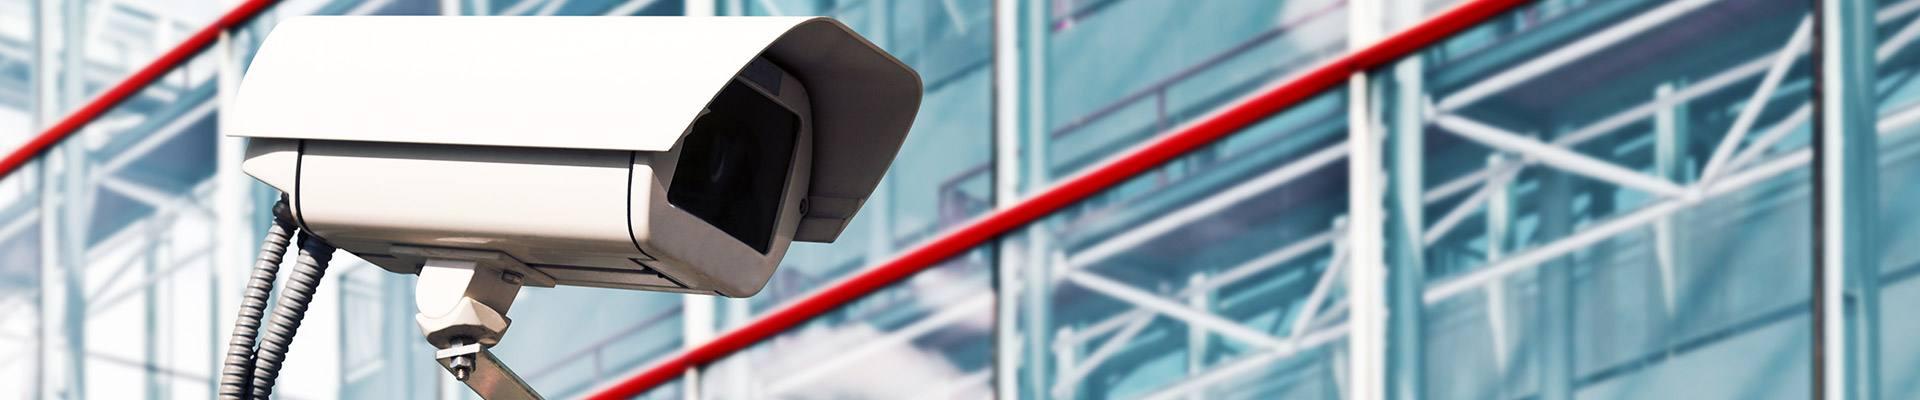 CCTV in West Palm Beach, Palm Beach, Delray Beach, Palm Beach, Stuart, FL